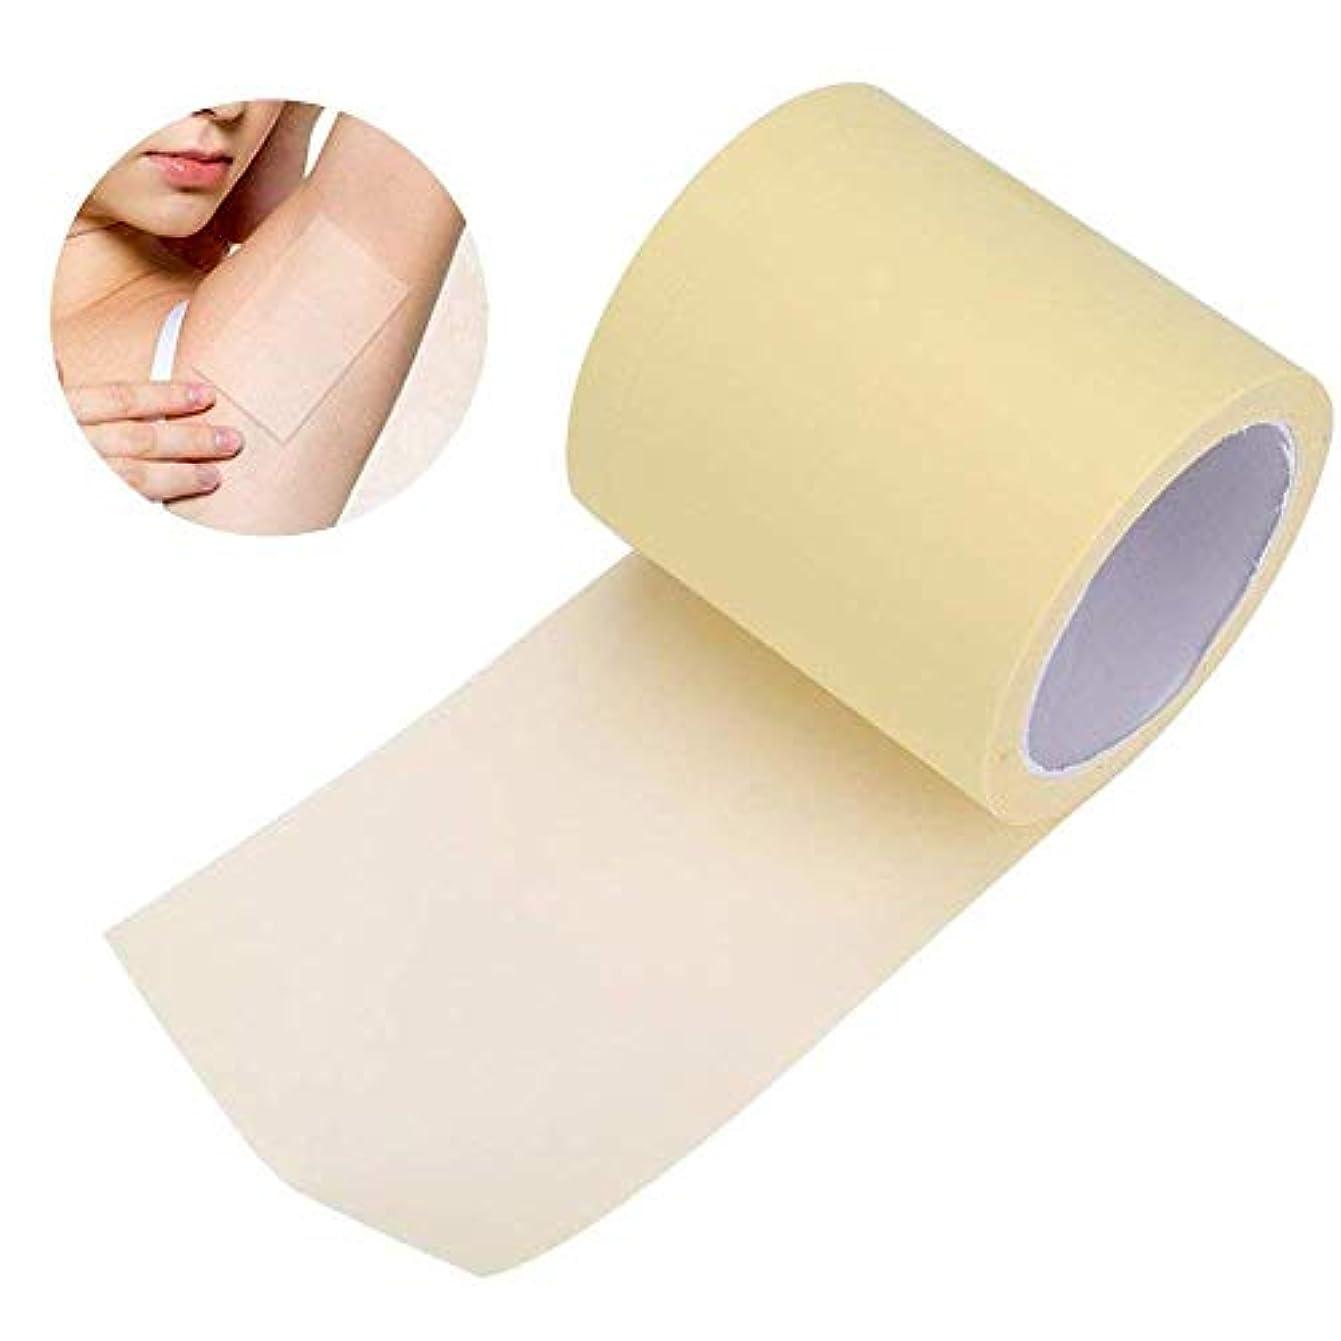 小人体系的に遺棄されたcoraly 汗止めパッド 脇の下汗パッド 皮膚に優しい 脇の汗染み防止 抗菌加工 超薄型 透明 男性/女性対応 (タイプ1)